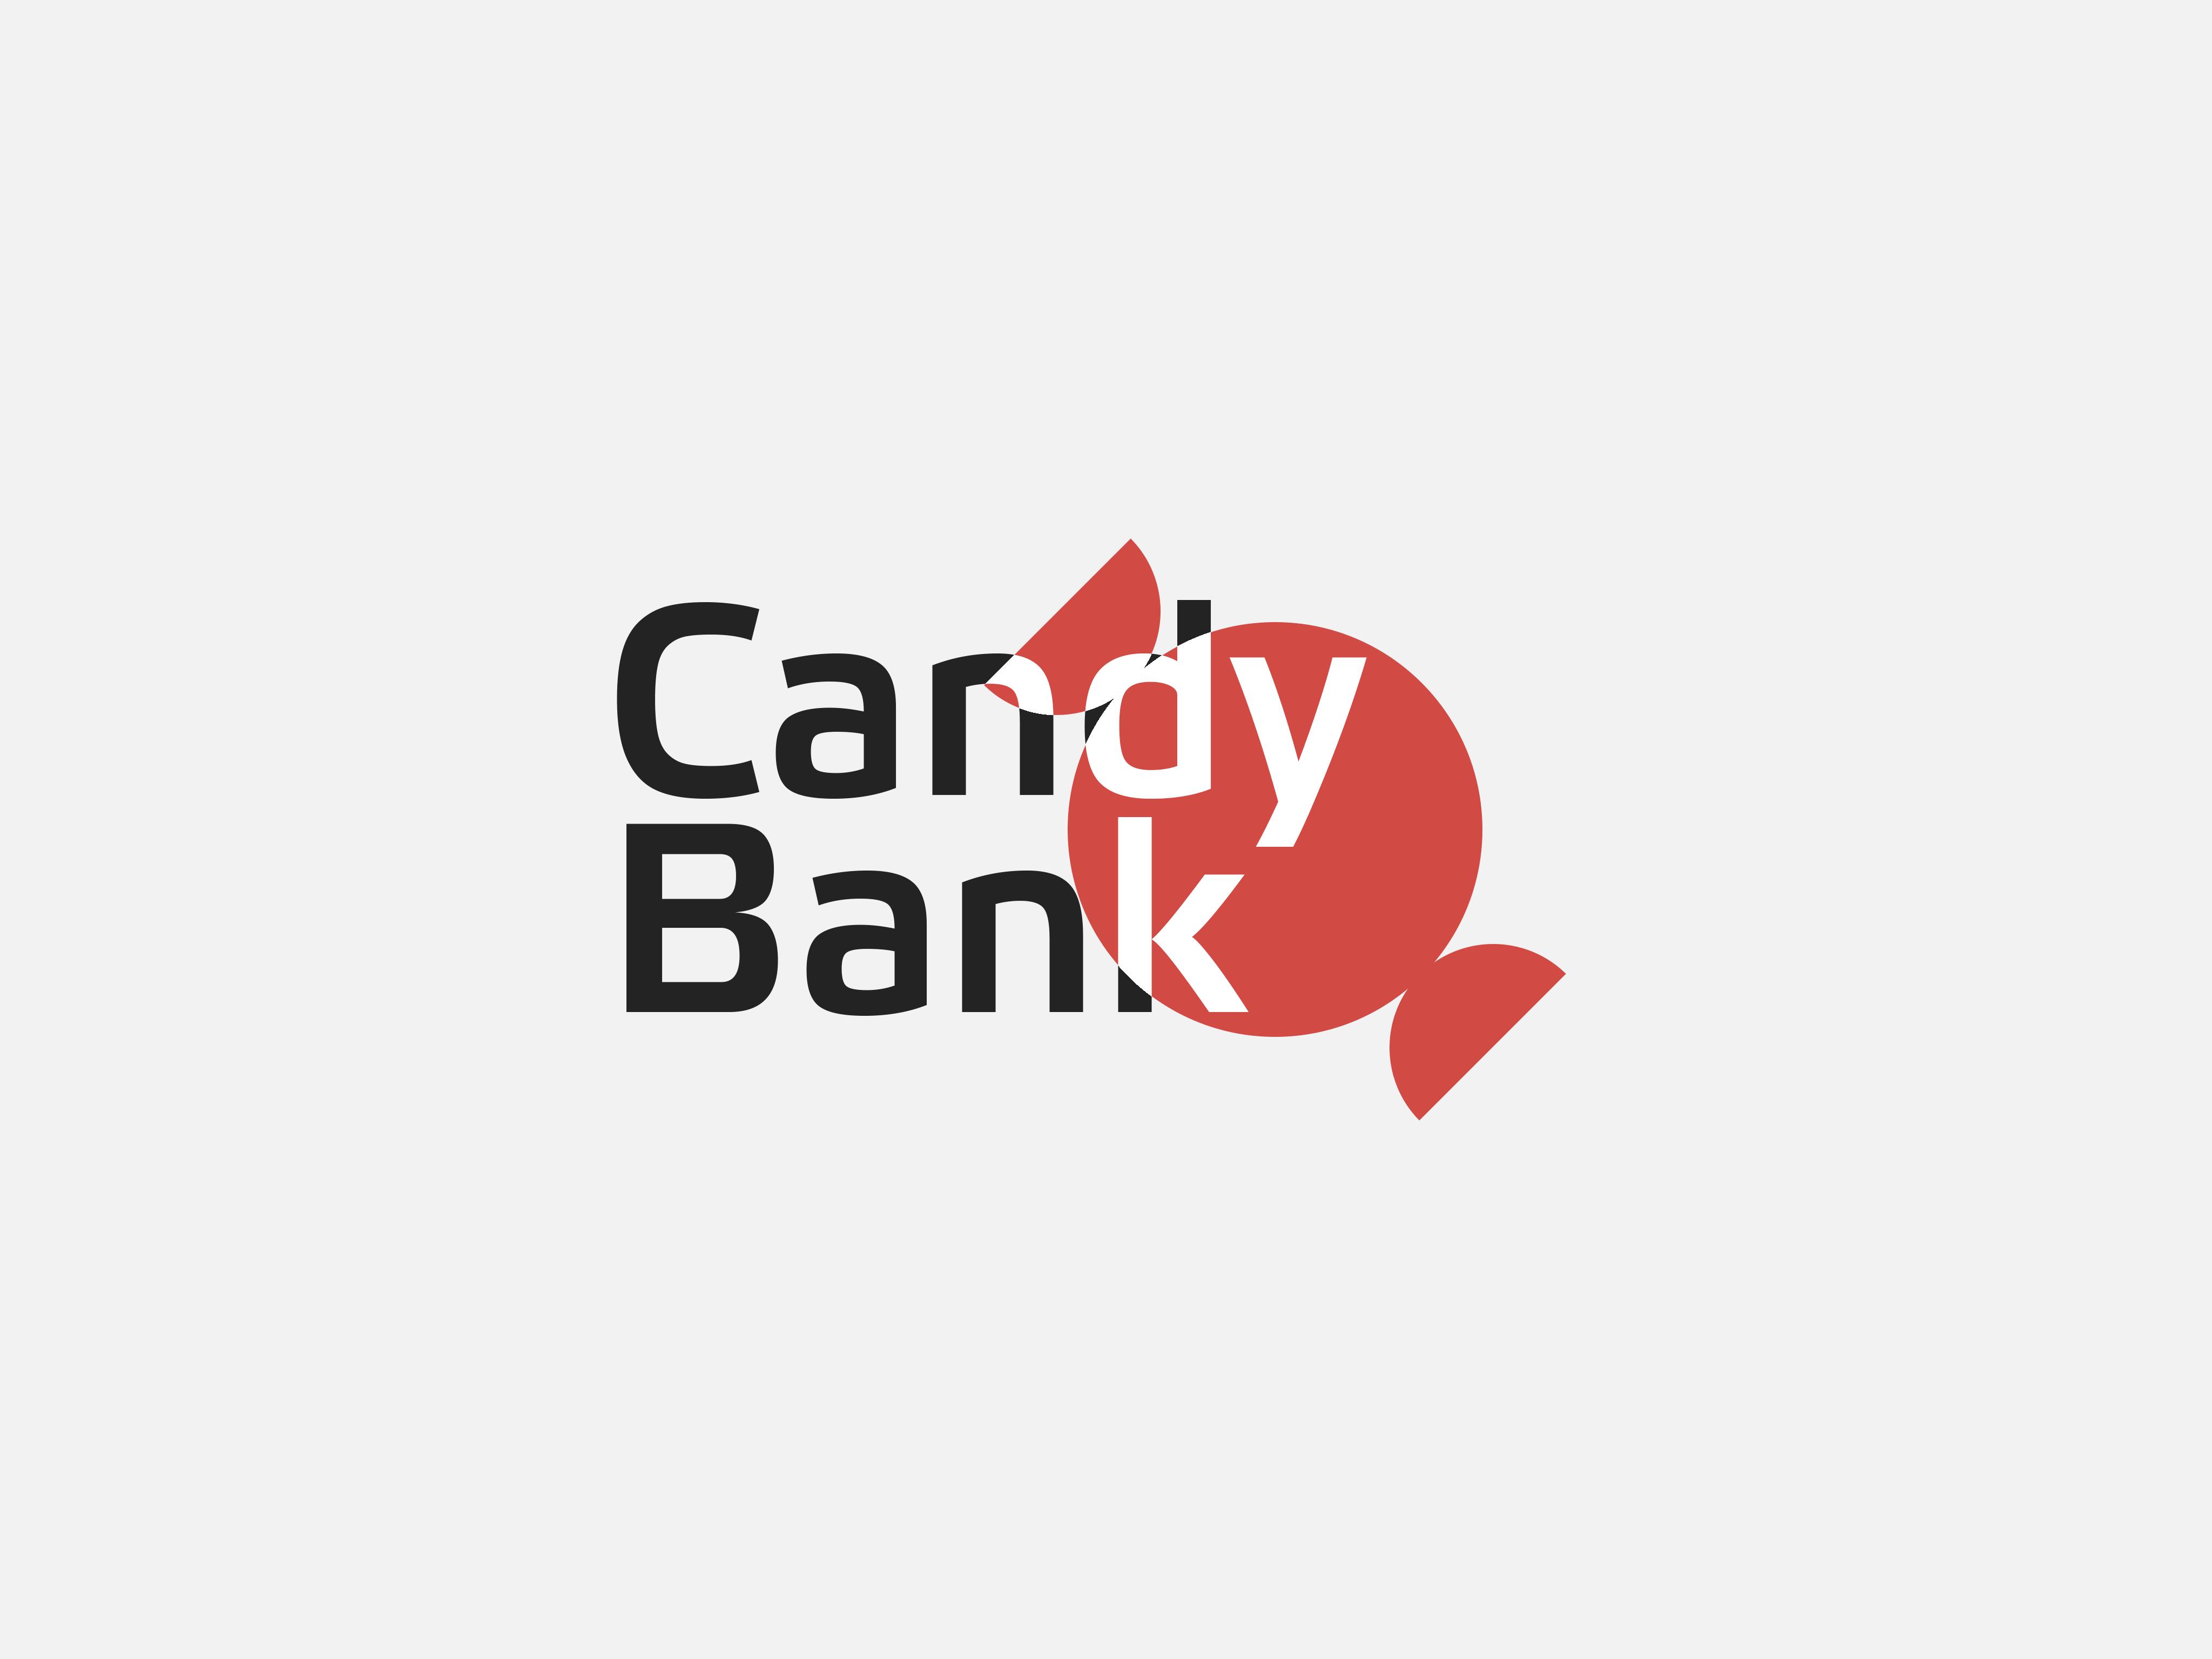 Логотип для международного банка фото f_0225d76483c3469f.png